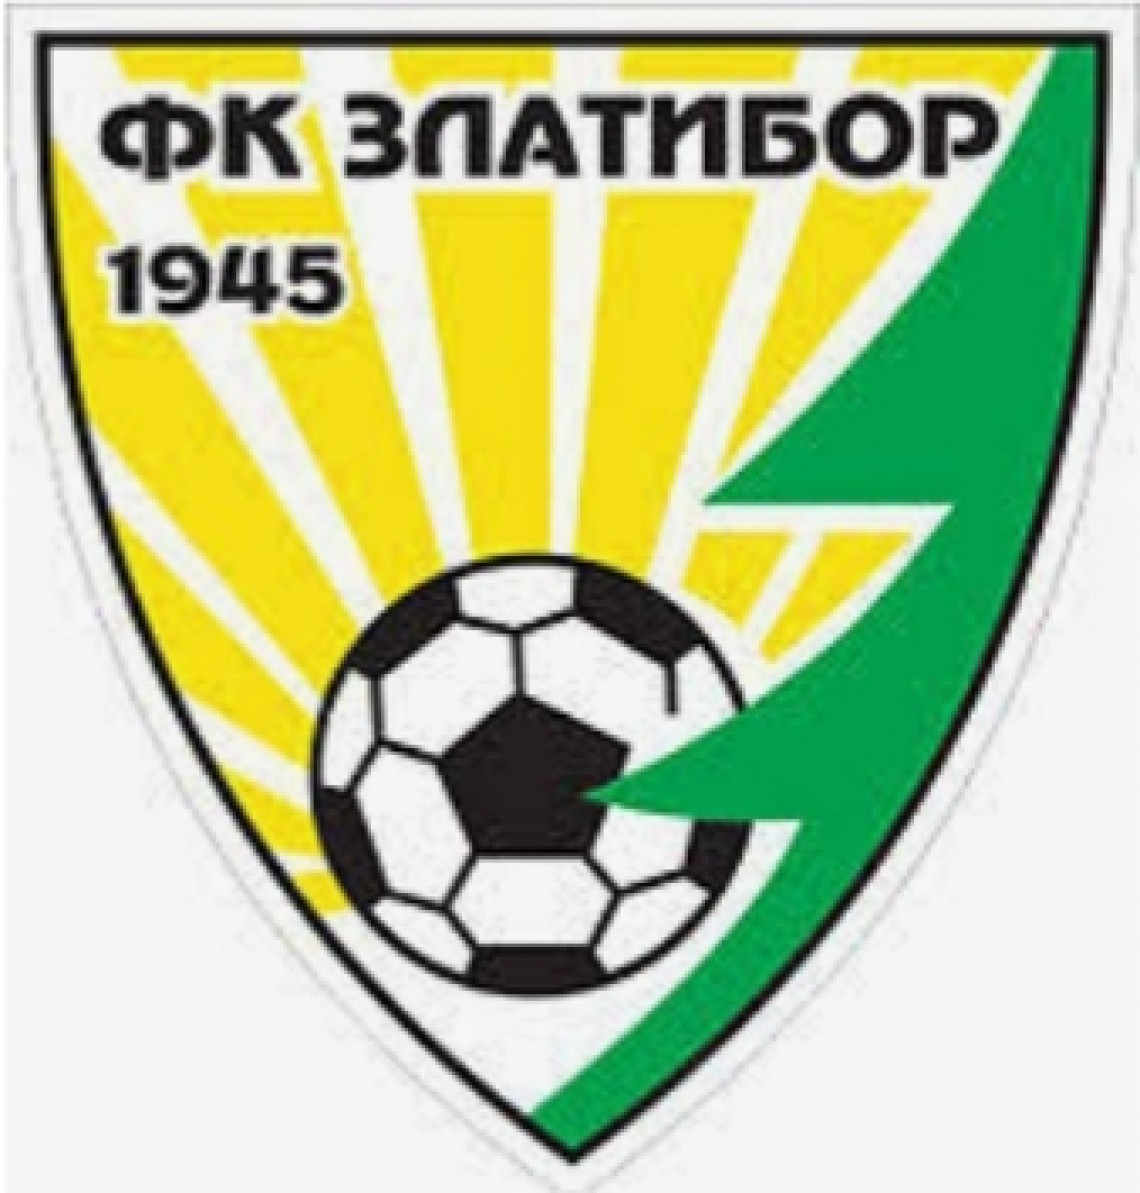 FK Zlatibor (arhiva ekipe Zlatibor)